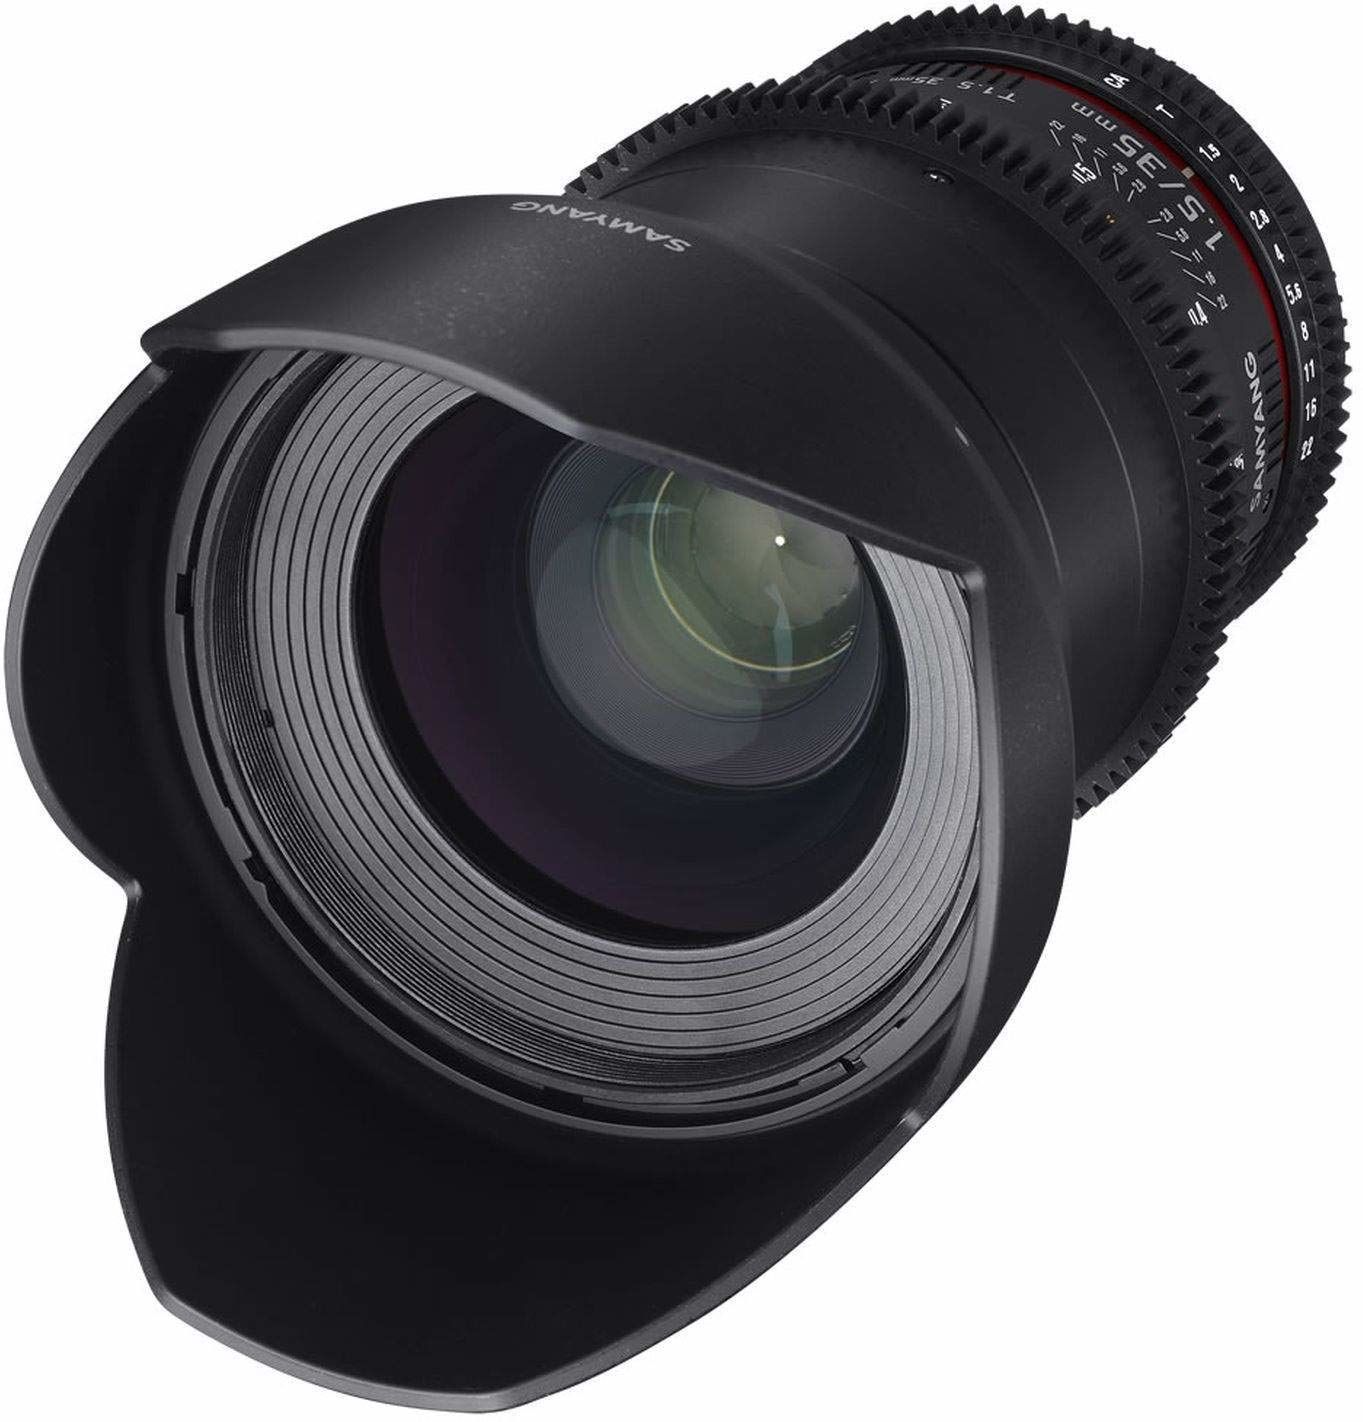 Samyang 35 mm T1.5 VDSLR II ręczny obiektyw wideo do kamery Nikon DSLR